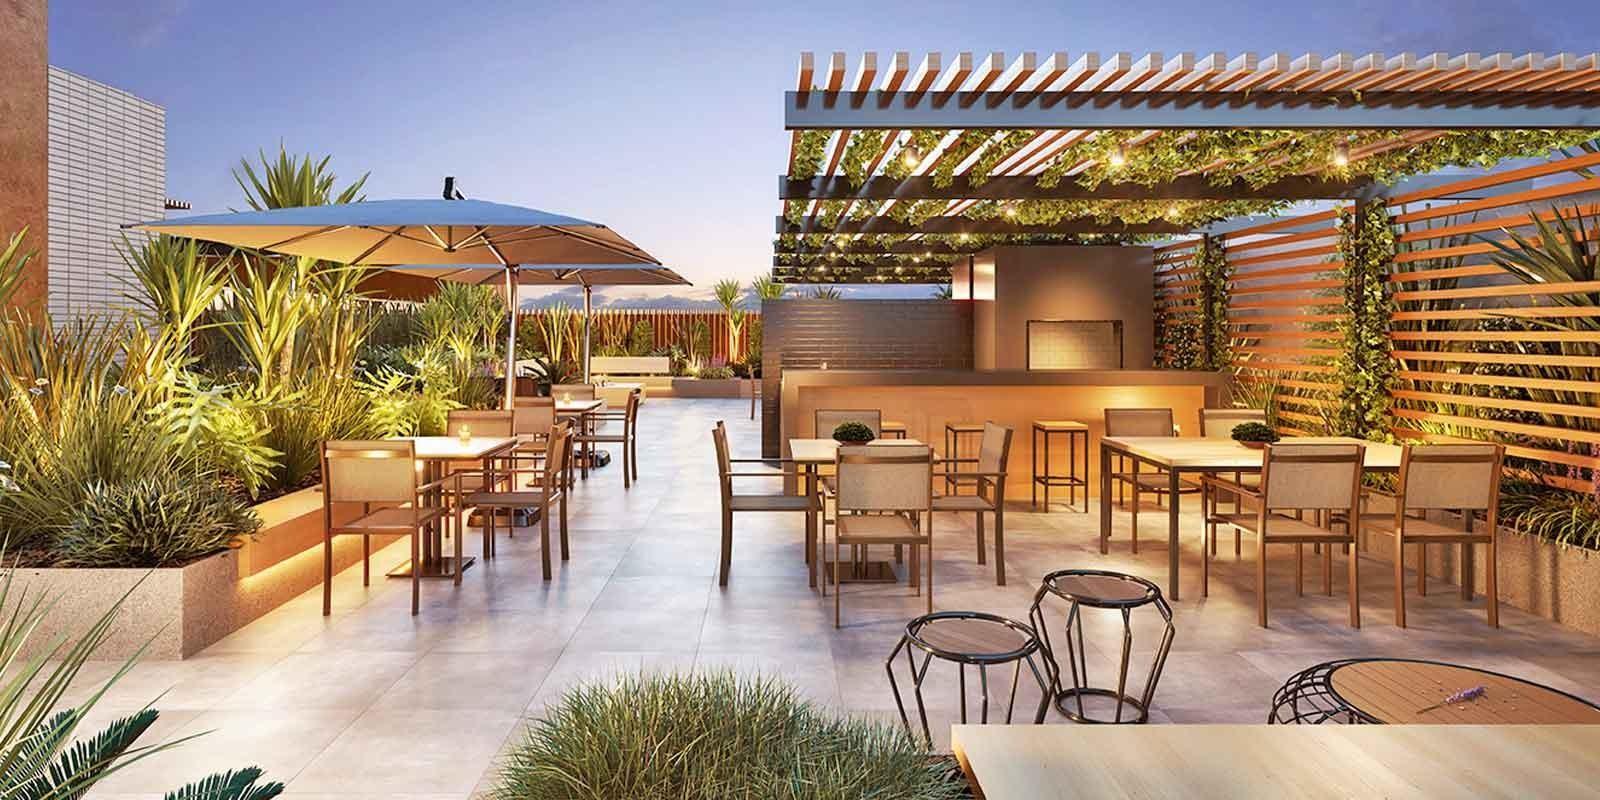 TPS Imóveis - Veja Foto 15 de 20 do Lindos Apartamentos com 3 Suítes Perto da Natureza